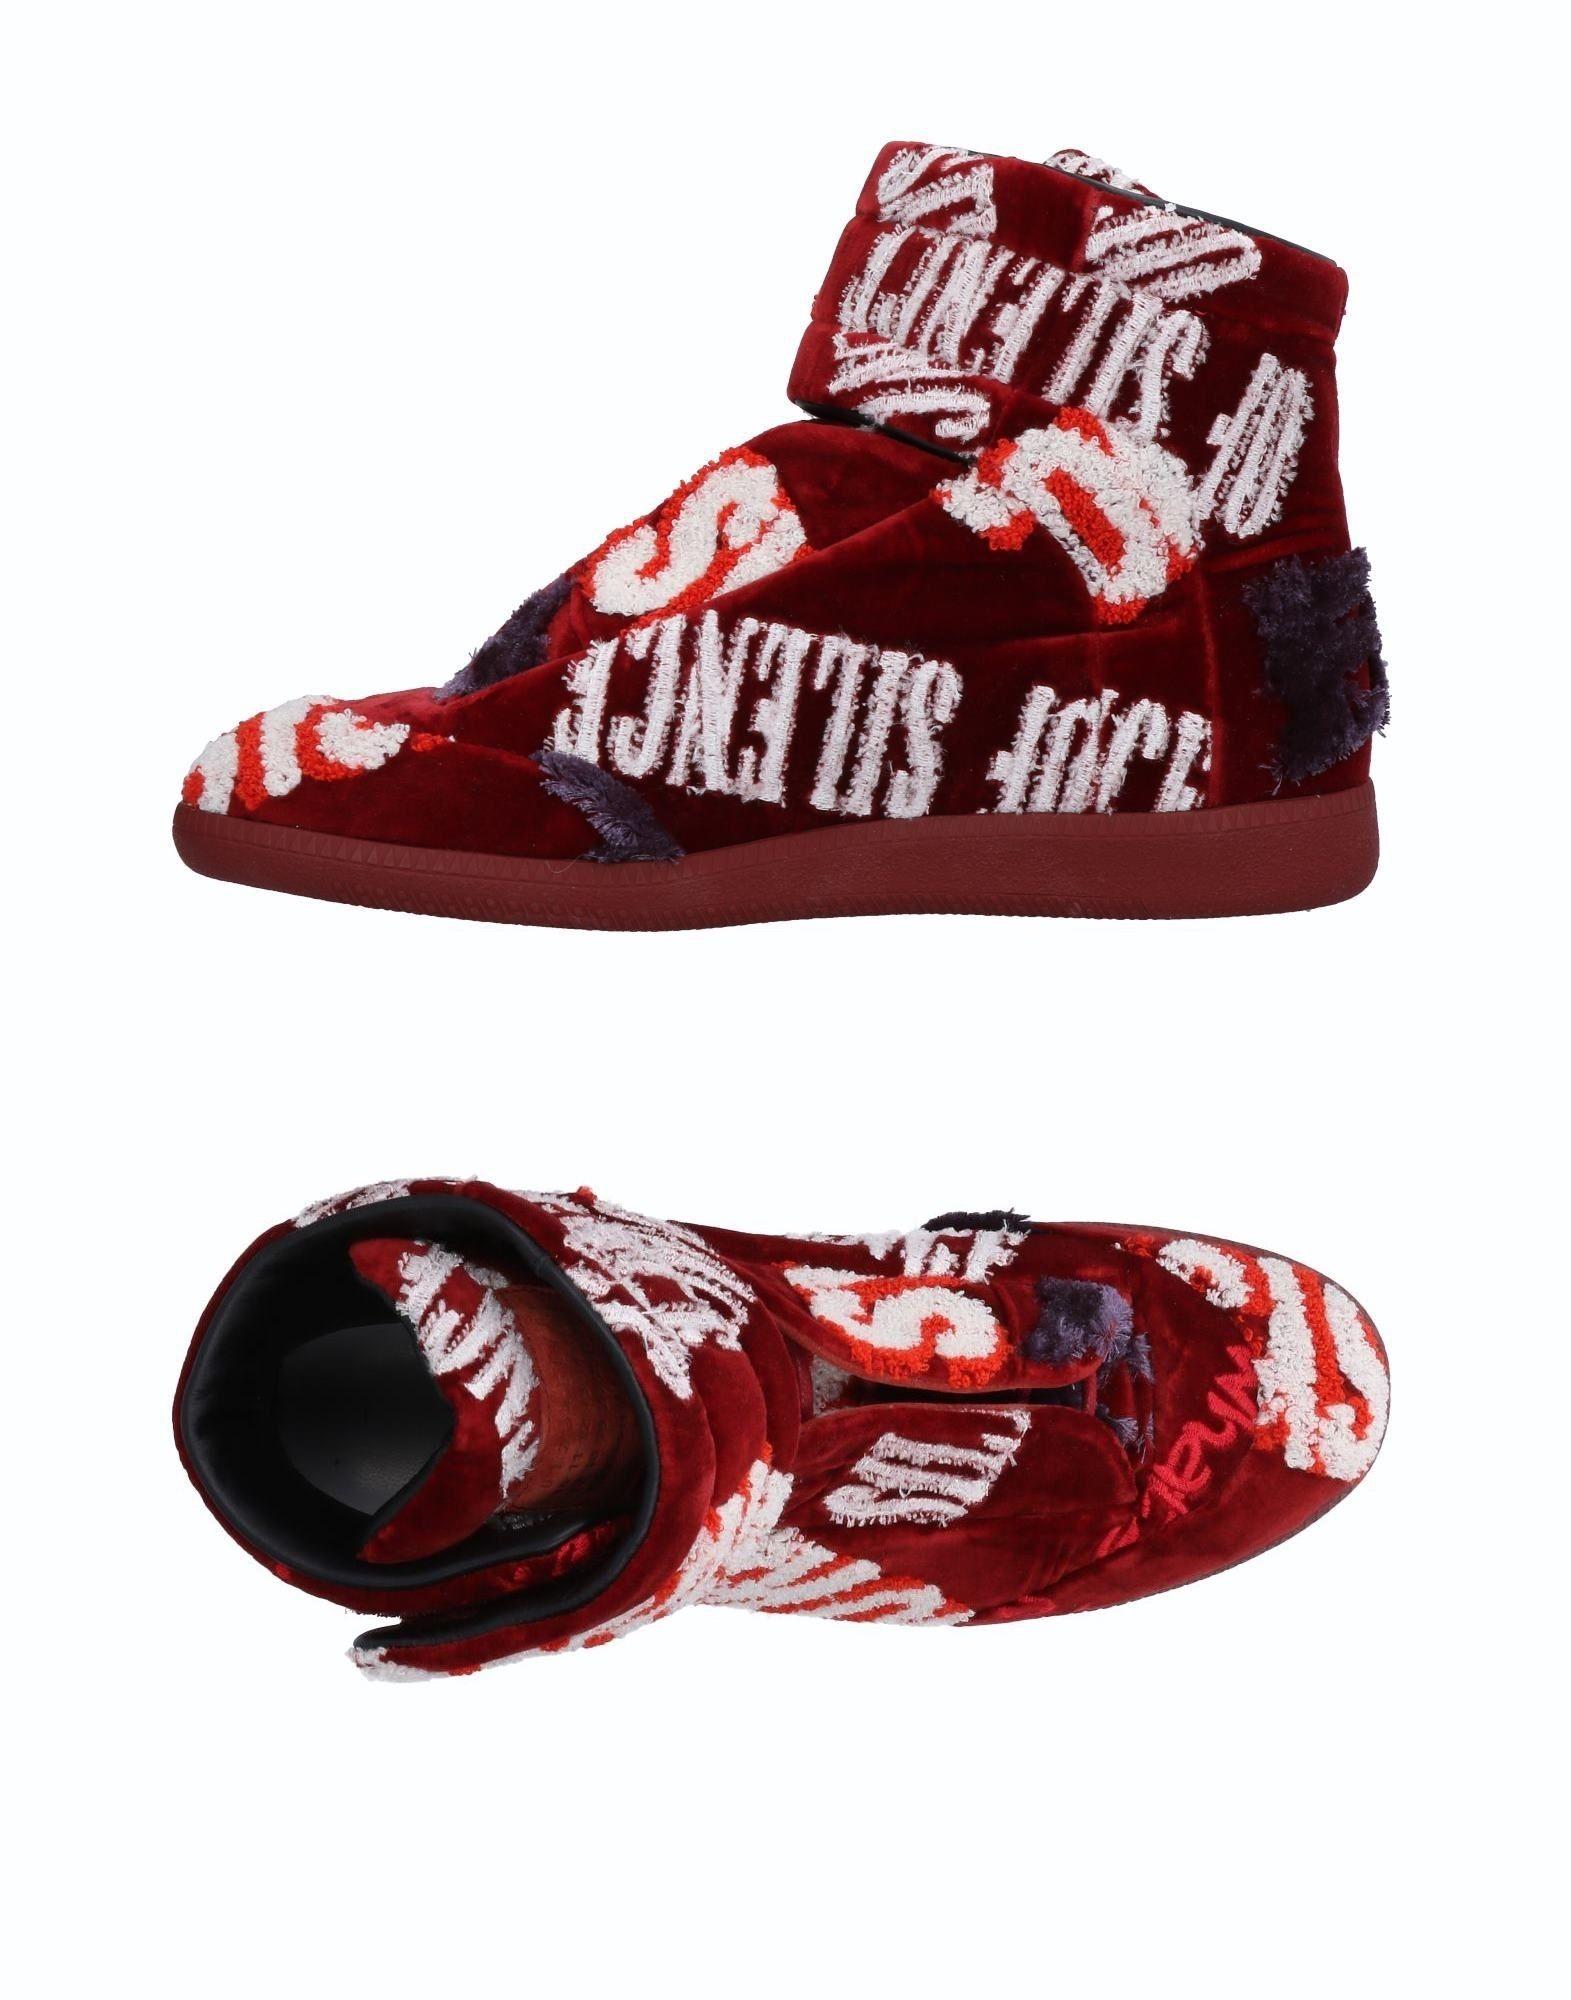 Los últimos zapatos de descuento para hombres y mujeres Margiela  Zapatillas Maison Margiela mujeres Hombre - Zapatillas Maison Margiela a47d9f